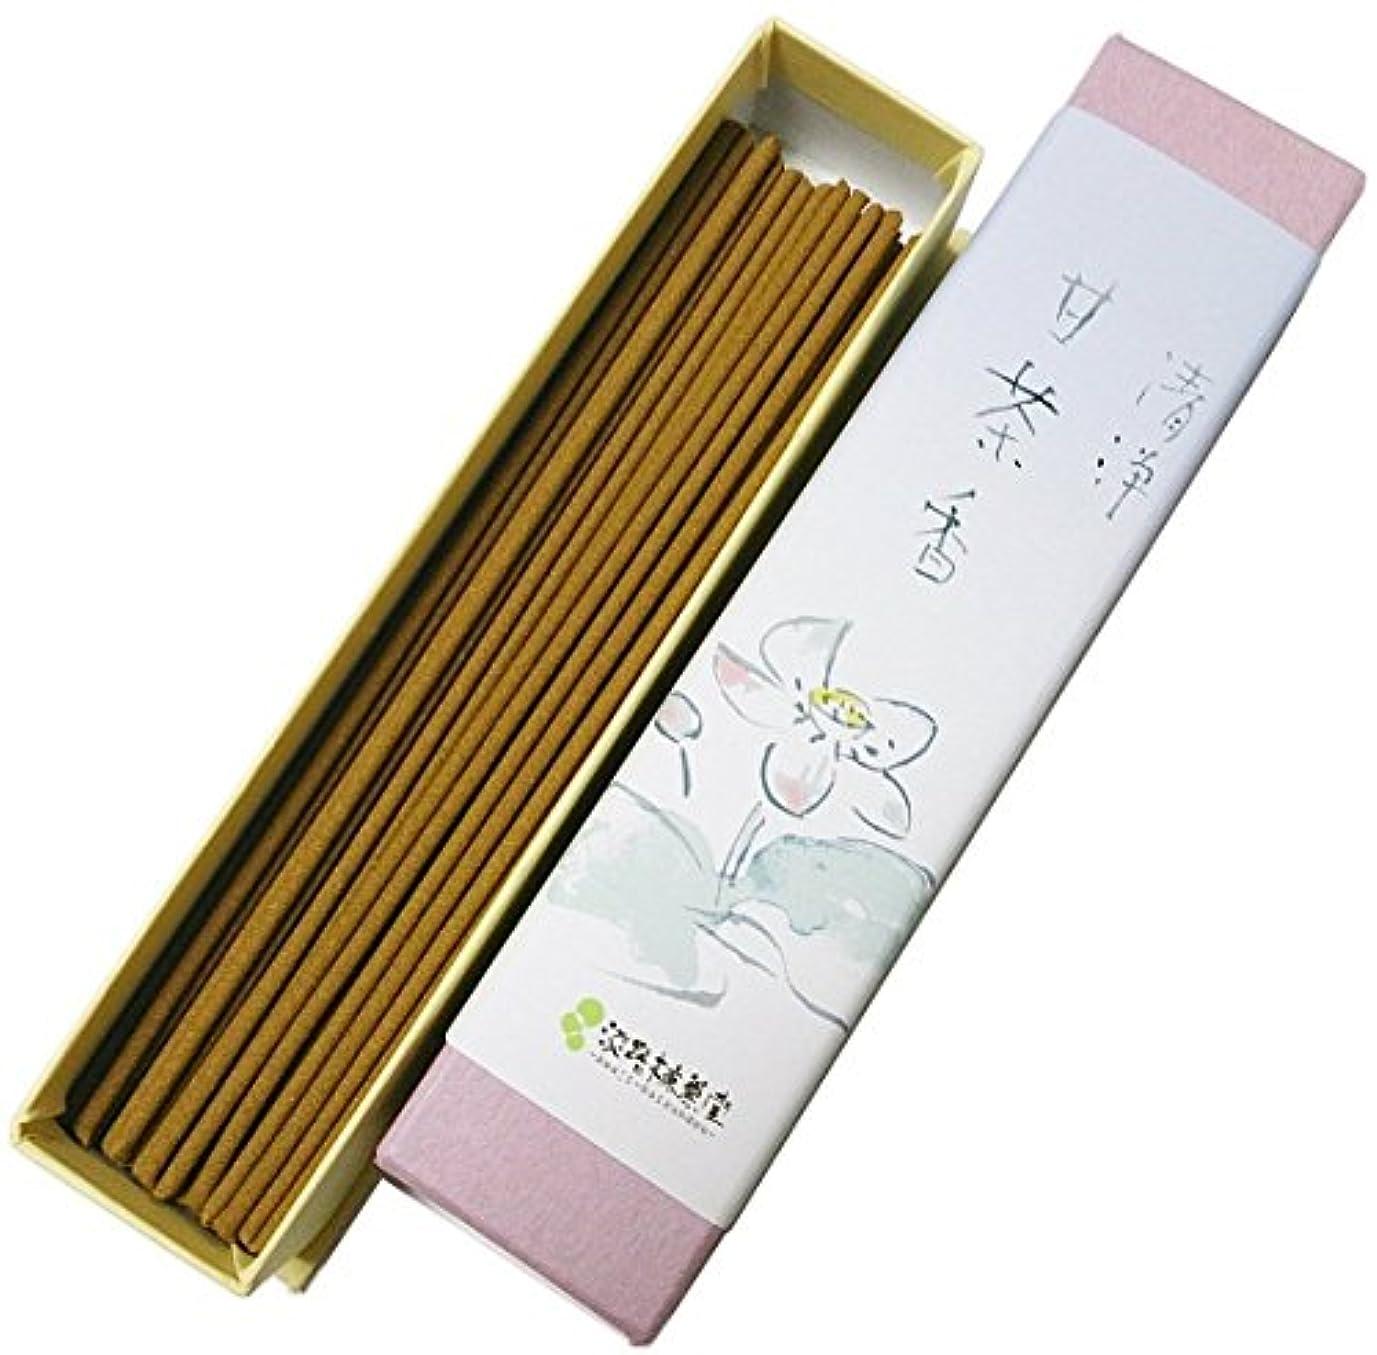 淡路梅薫堂の浄化お香 清浄甘茶香 18g #31 ×100 japanese incense sticks